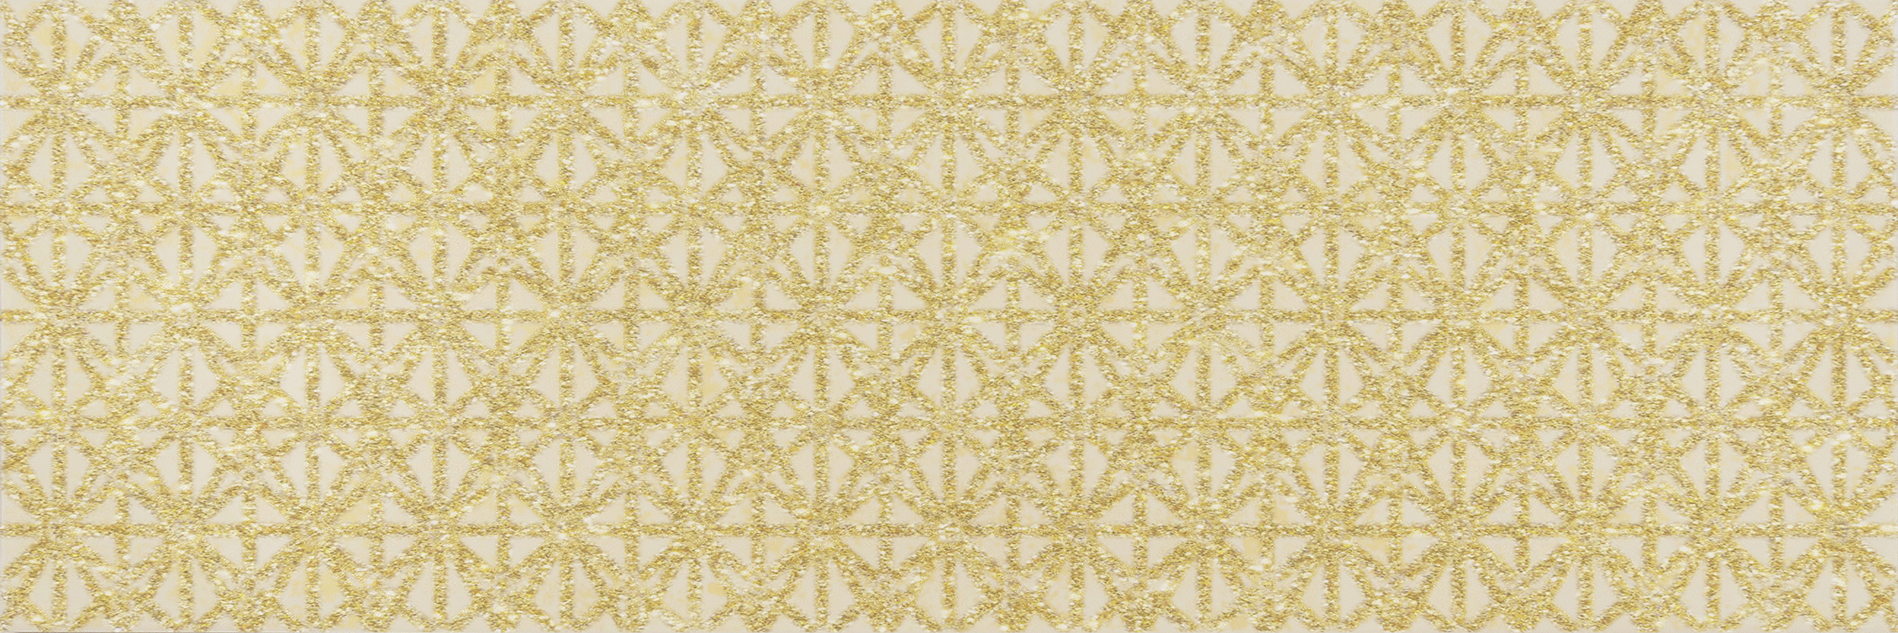 Купить Керамическая плитка AltaСera Lantana 1 DW11LNT101 декор 20x60, Россия